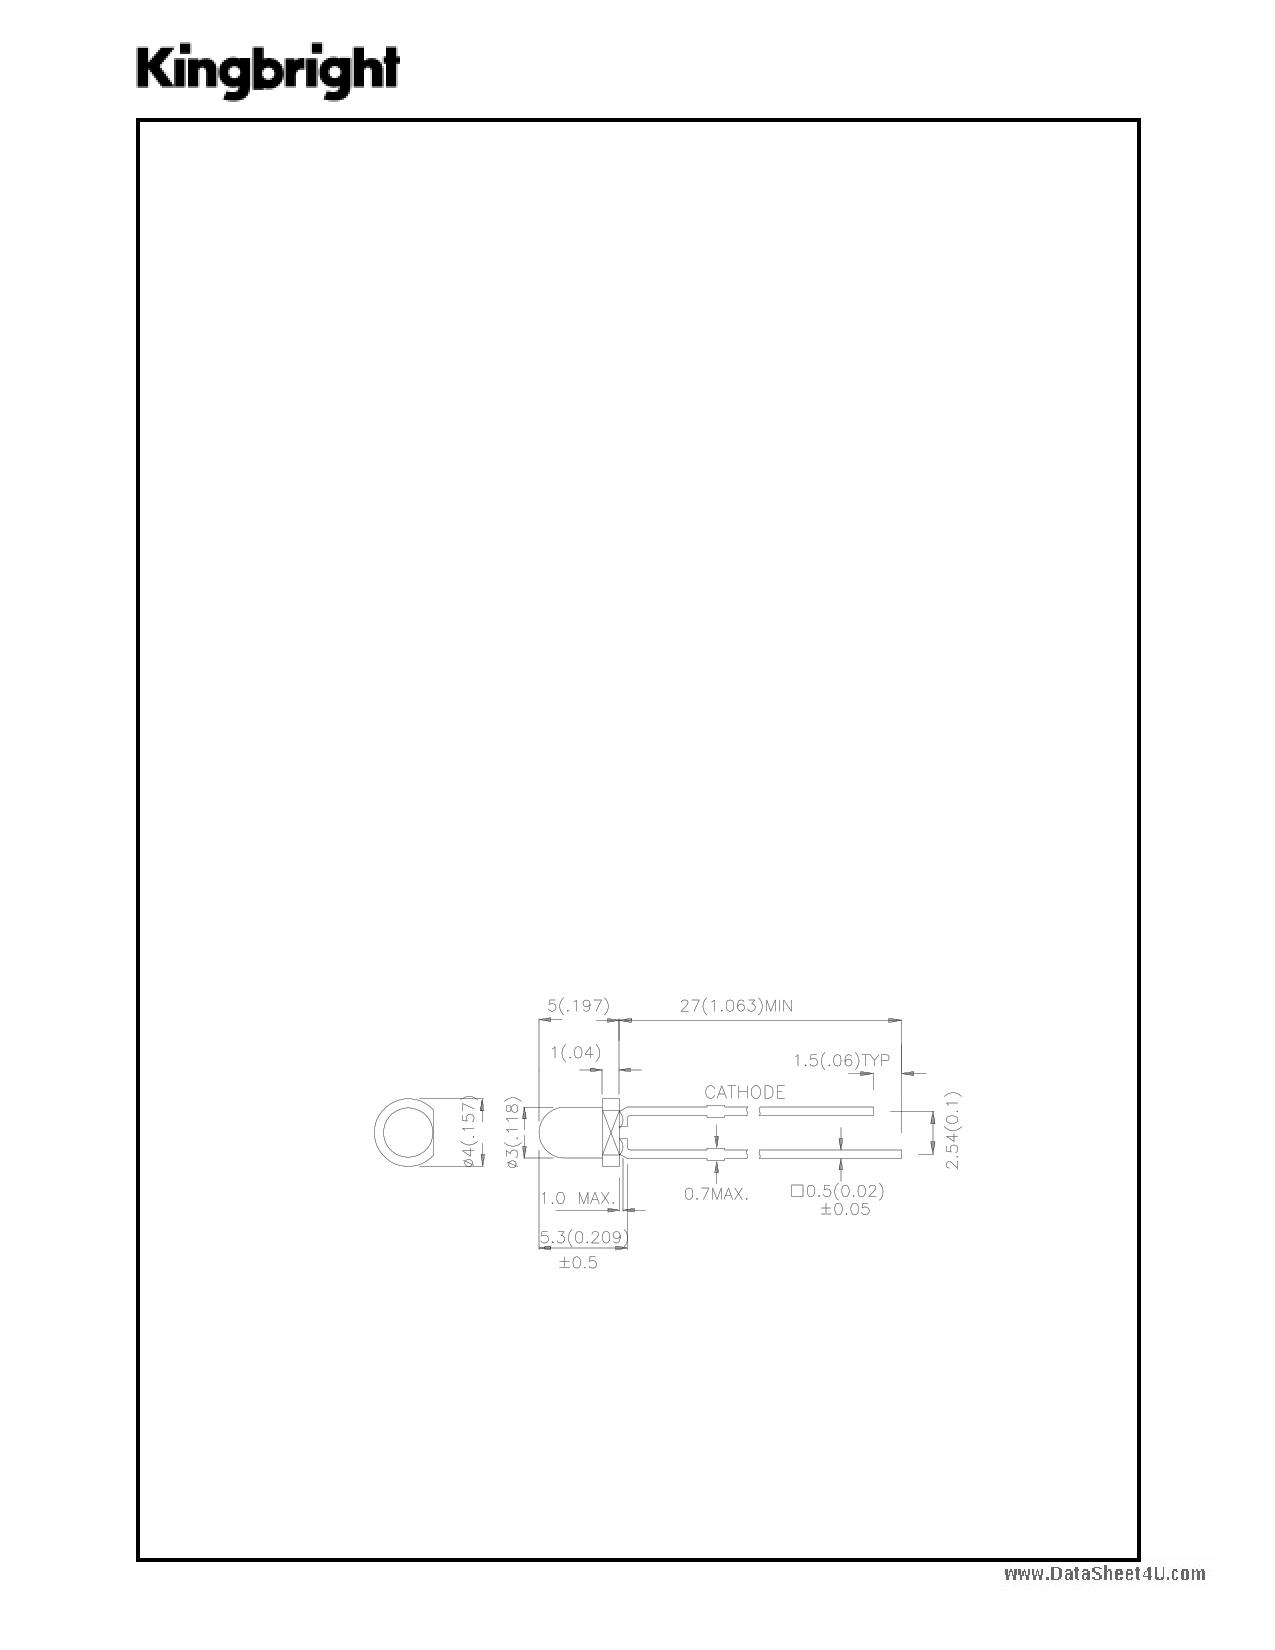 L-1154Yx даташит PDF